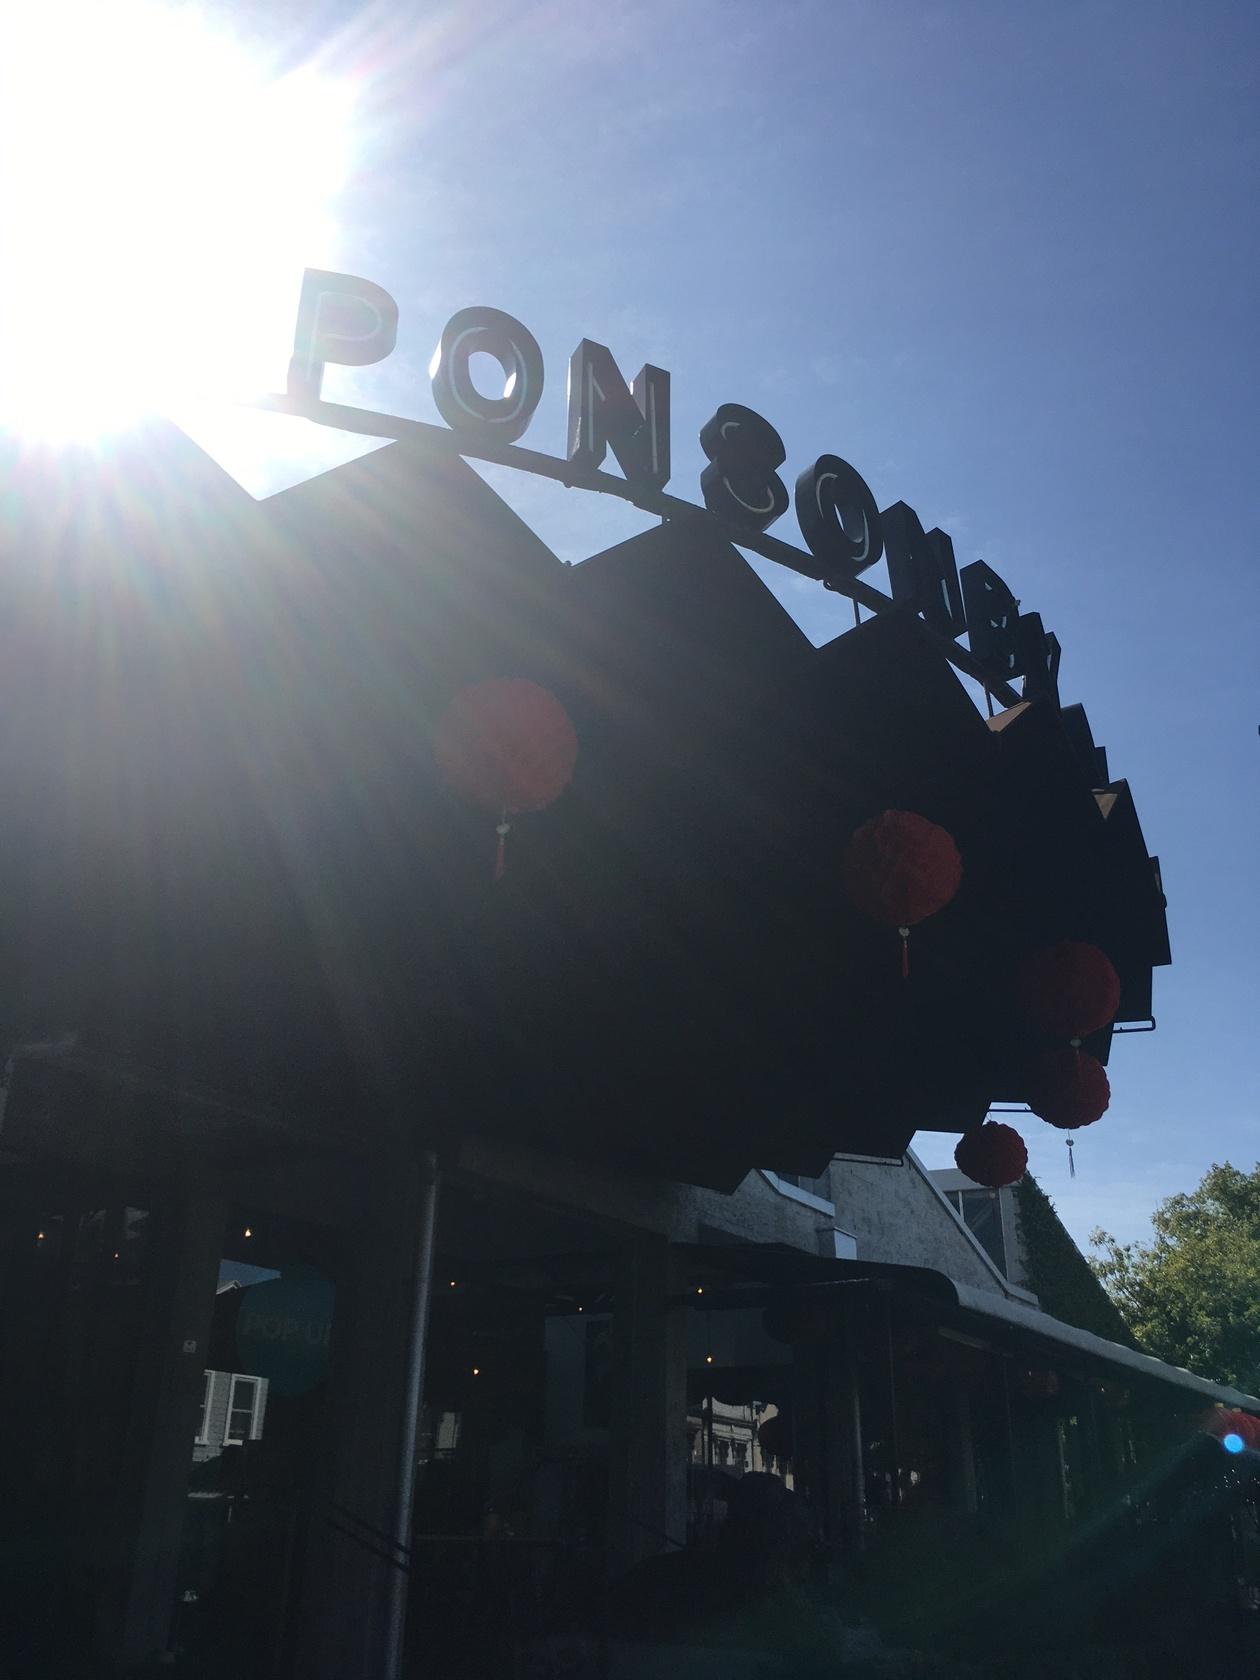 ポンソンビー | オークランド(NZ)在住サチさんのおすすめエリア・地区